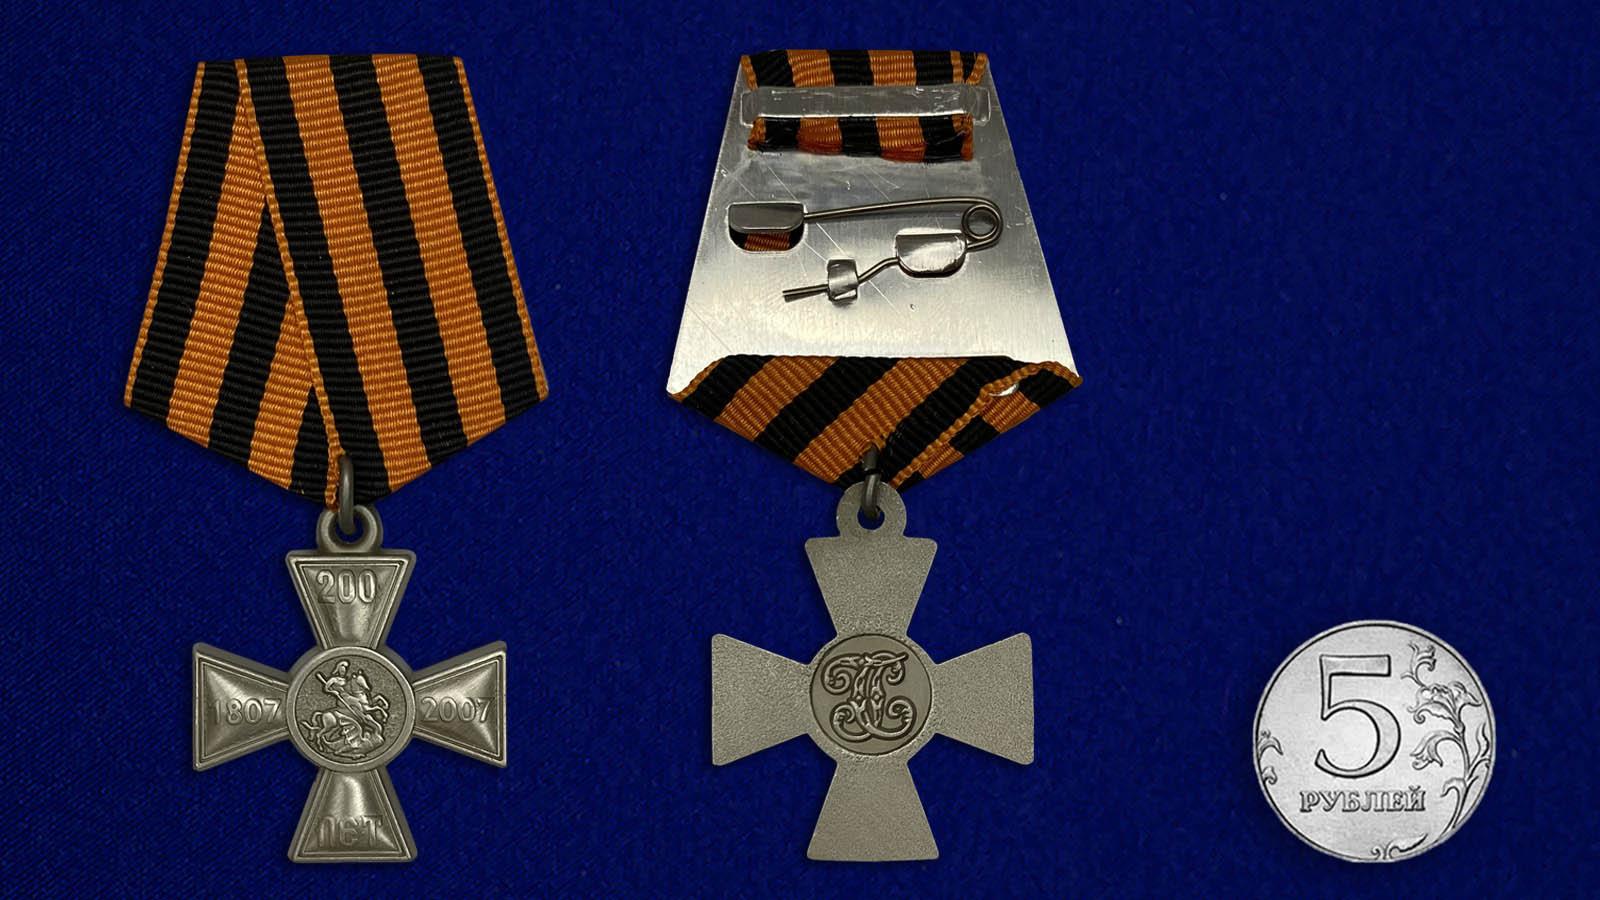 Знак 200 лет Георгиевскому кресту - сравнительный размер